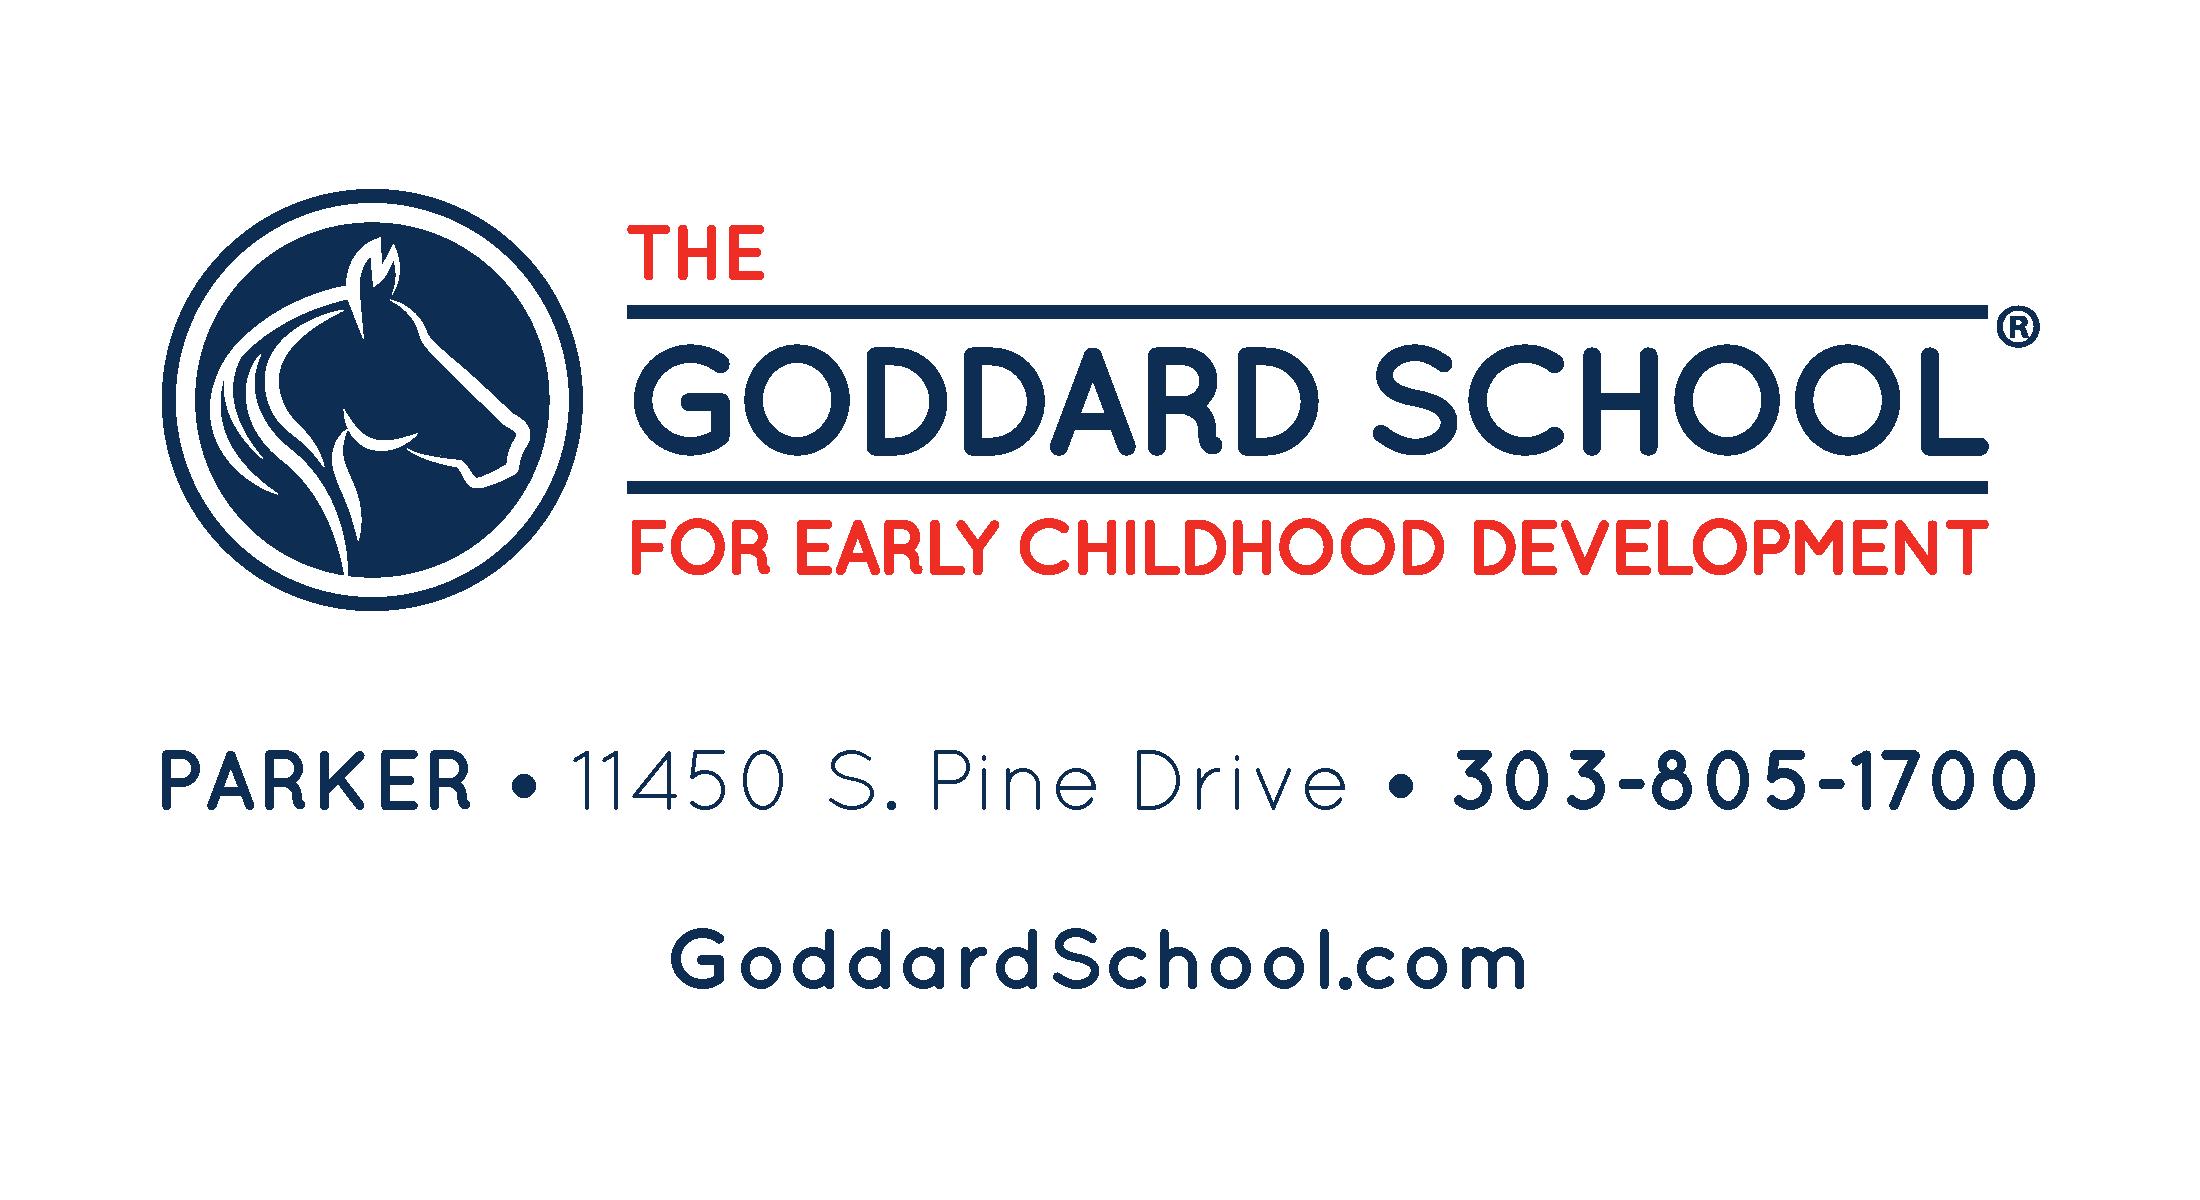 Goddard School Parker Full Logo 7.26.21 Opens in new window